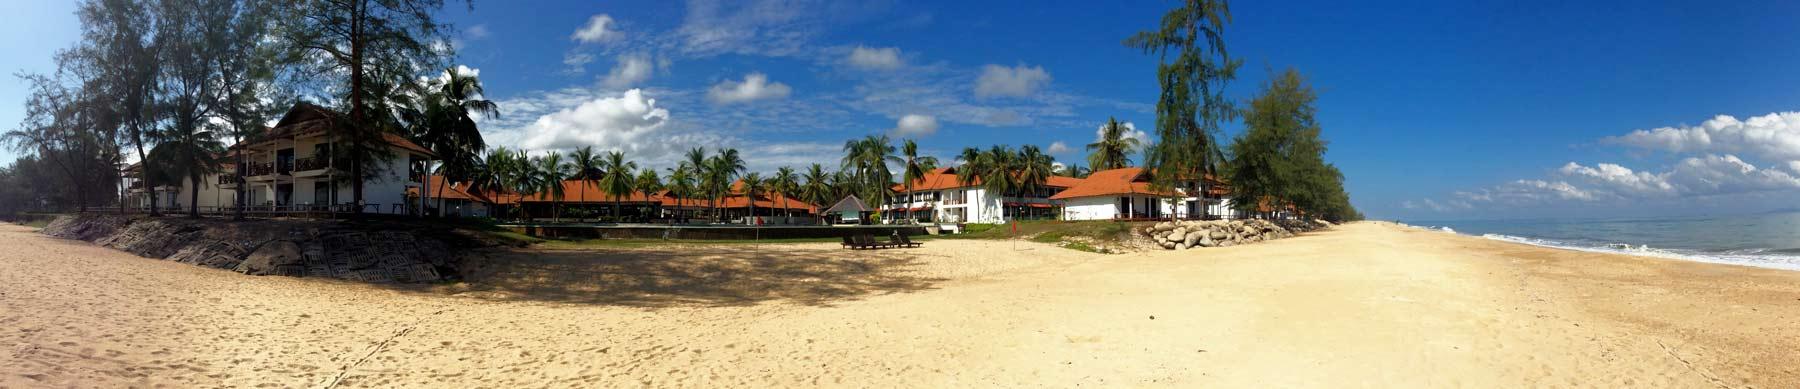 Panorama Strand Sutra Beach Resort